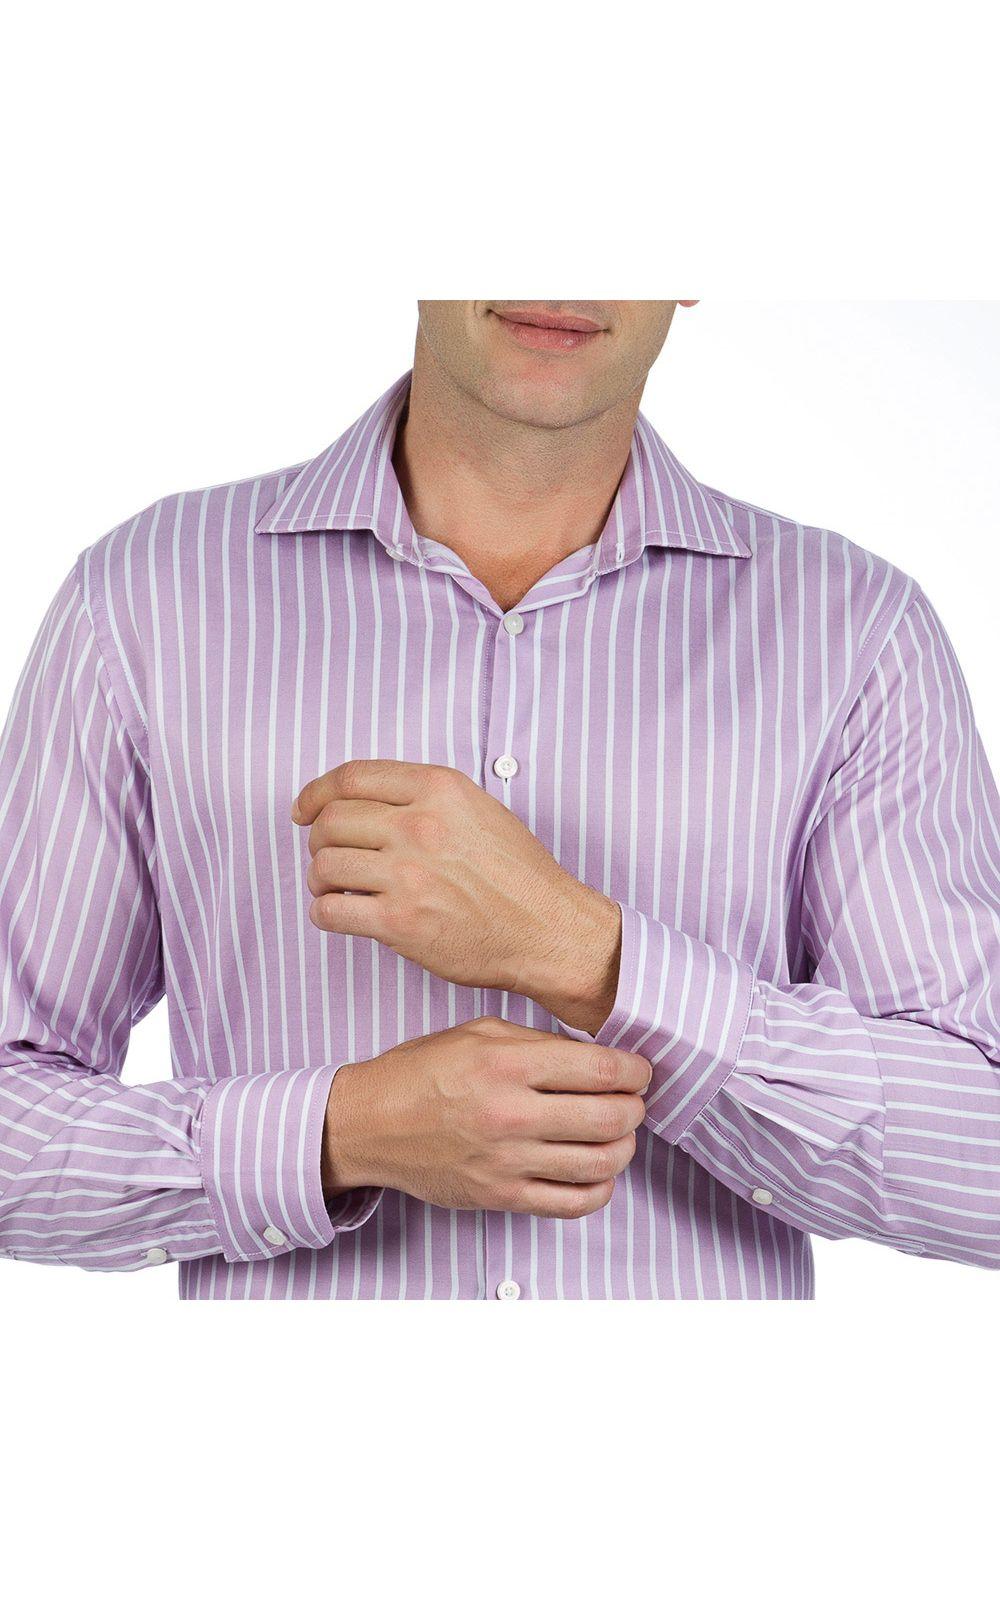 Foto 3 - Camisa Social Masculina Lilás Listrada